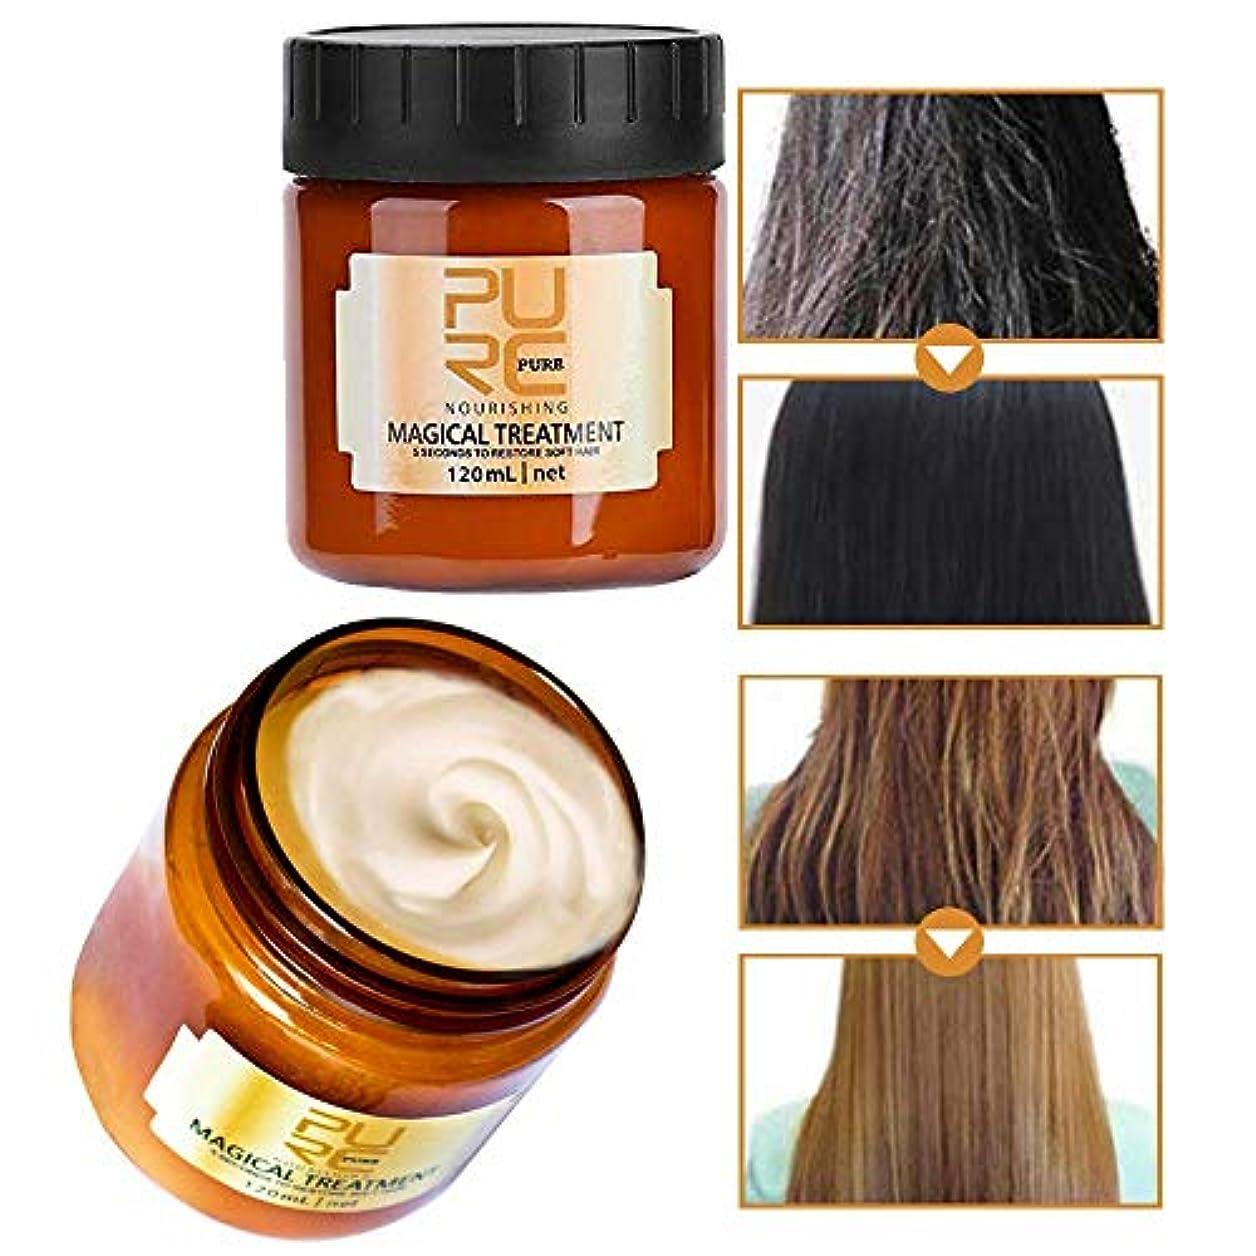 バーチャル落ち着くブルーベルOdette 2019 ヘアケアエッセンスルートトリートメント乾燥した髪を改善躁髪質を改善し、健康的で柔らかい髪を回復する栄養ケアを達成効果的で便利なヘアケアクリーム (120ml) (1pcs)